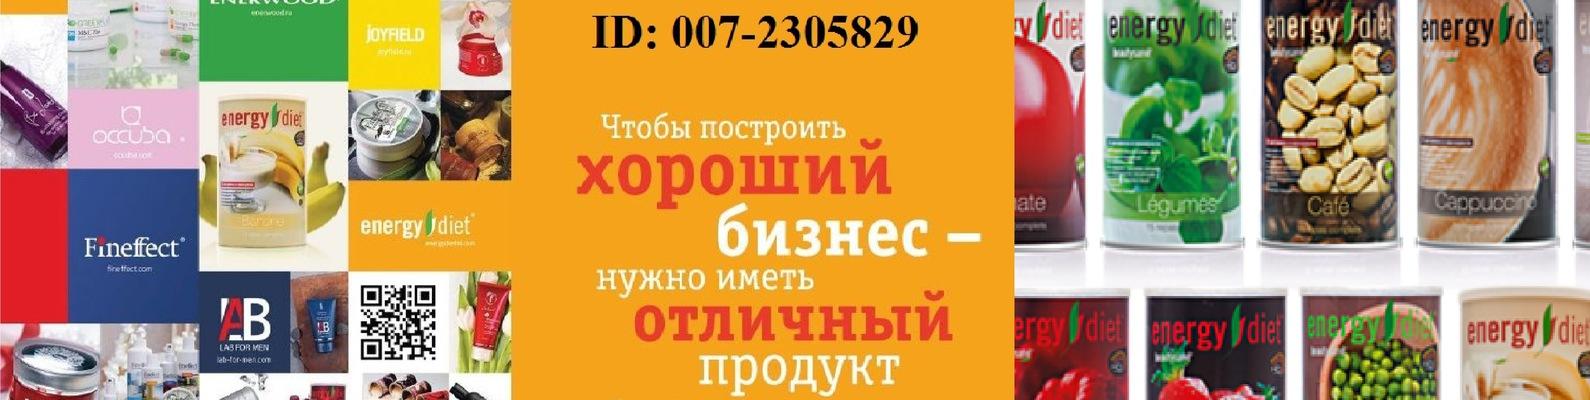 Энерджи Диет Официальный Сайт Интернет Магазин